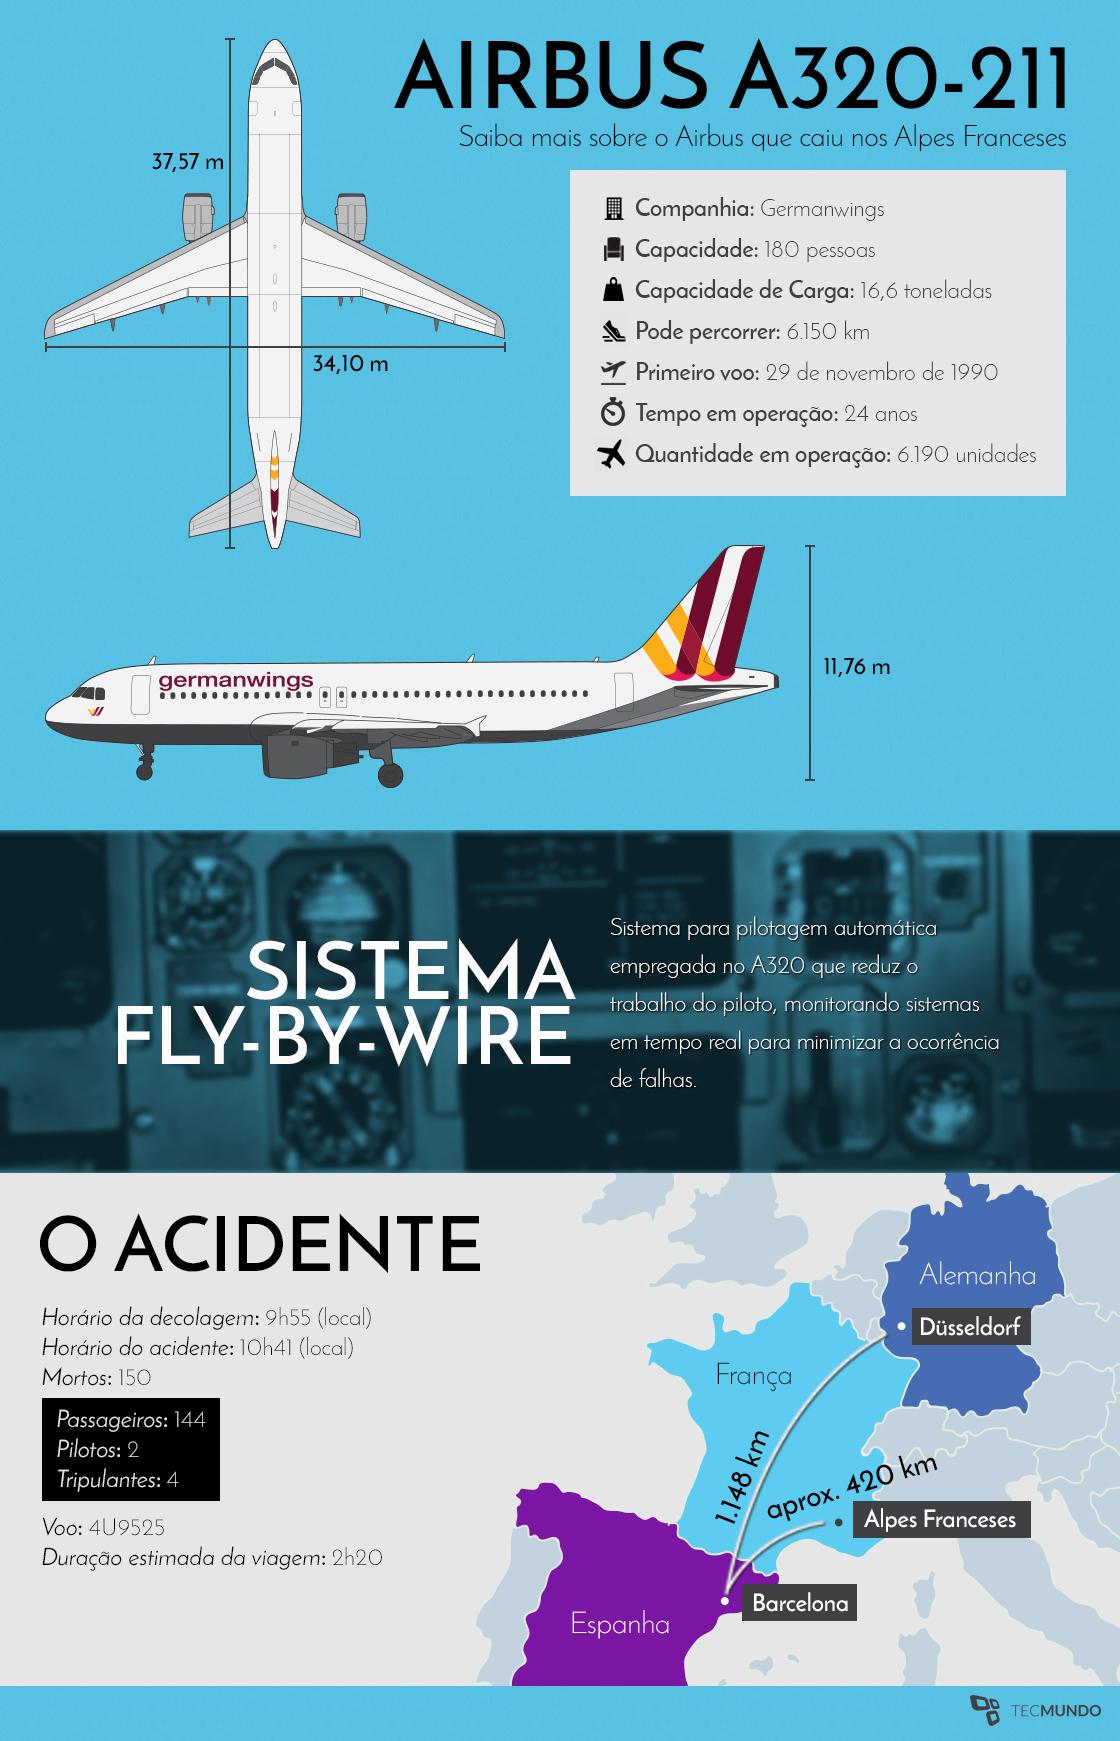 Confira todos os detalhes da tragédia com o Airbus A320 [infográfico]